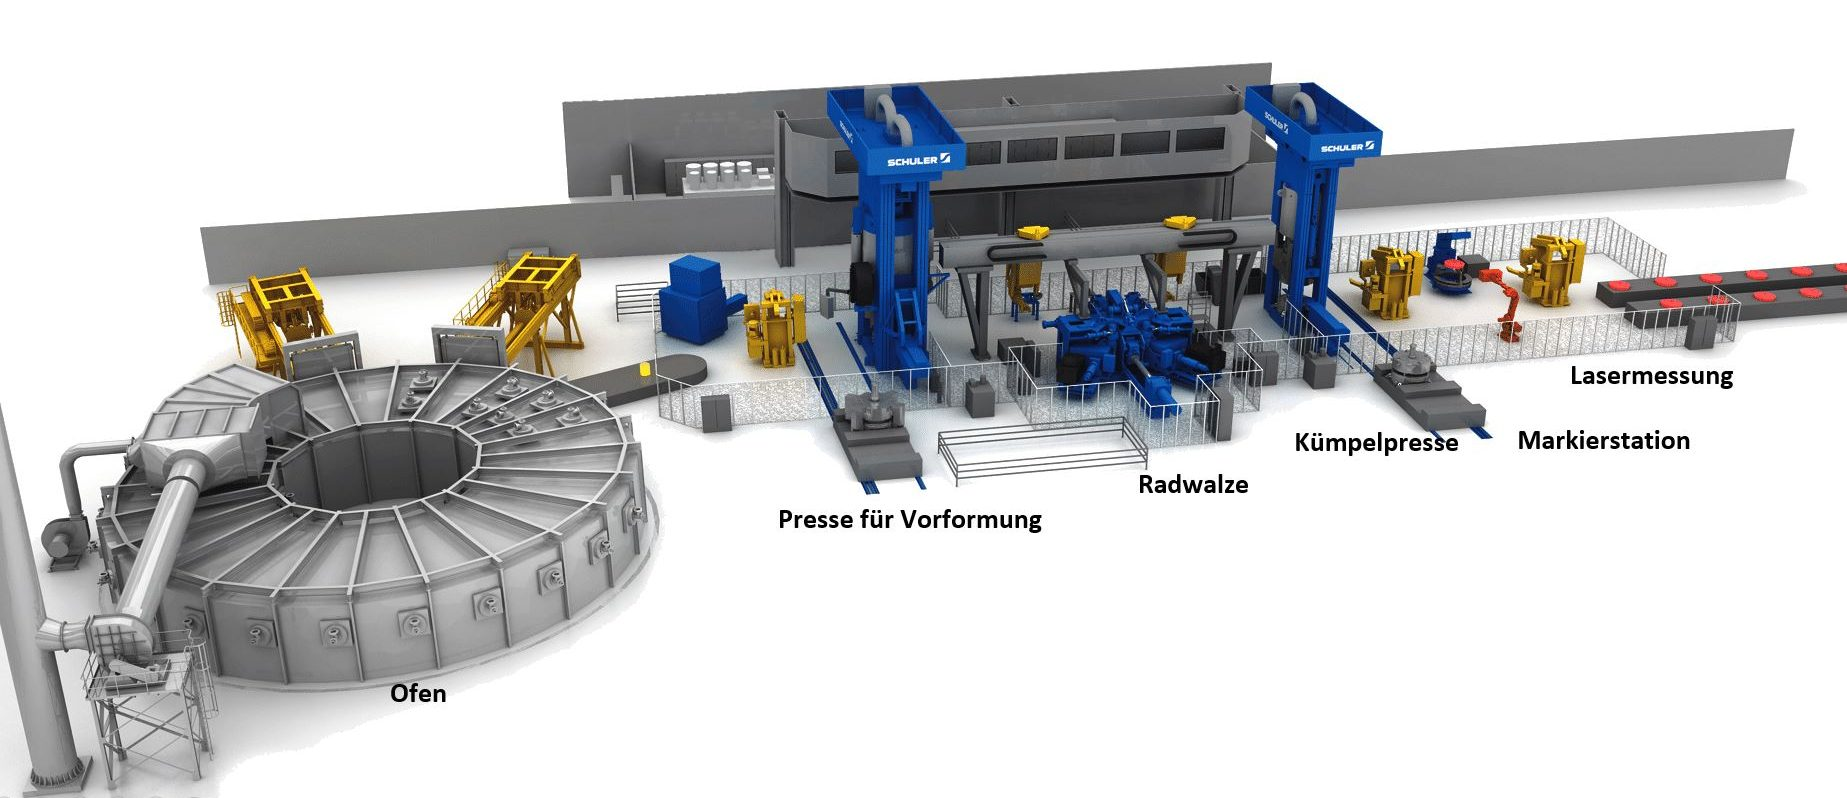 Prinzipieller Aufbau der Schmiedelinie (Bild: Schuler Pressen GmbH)